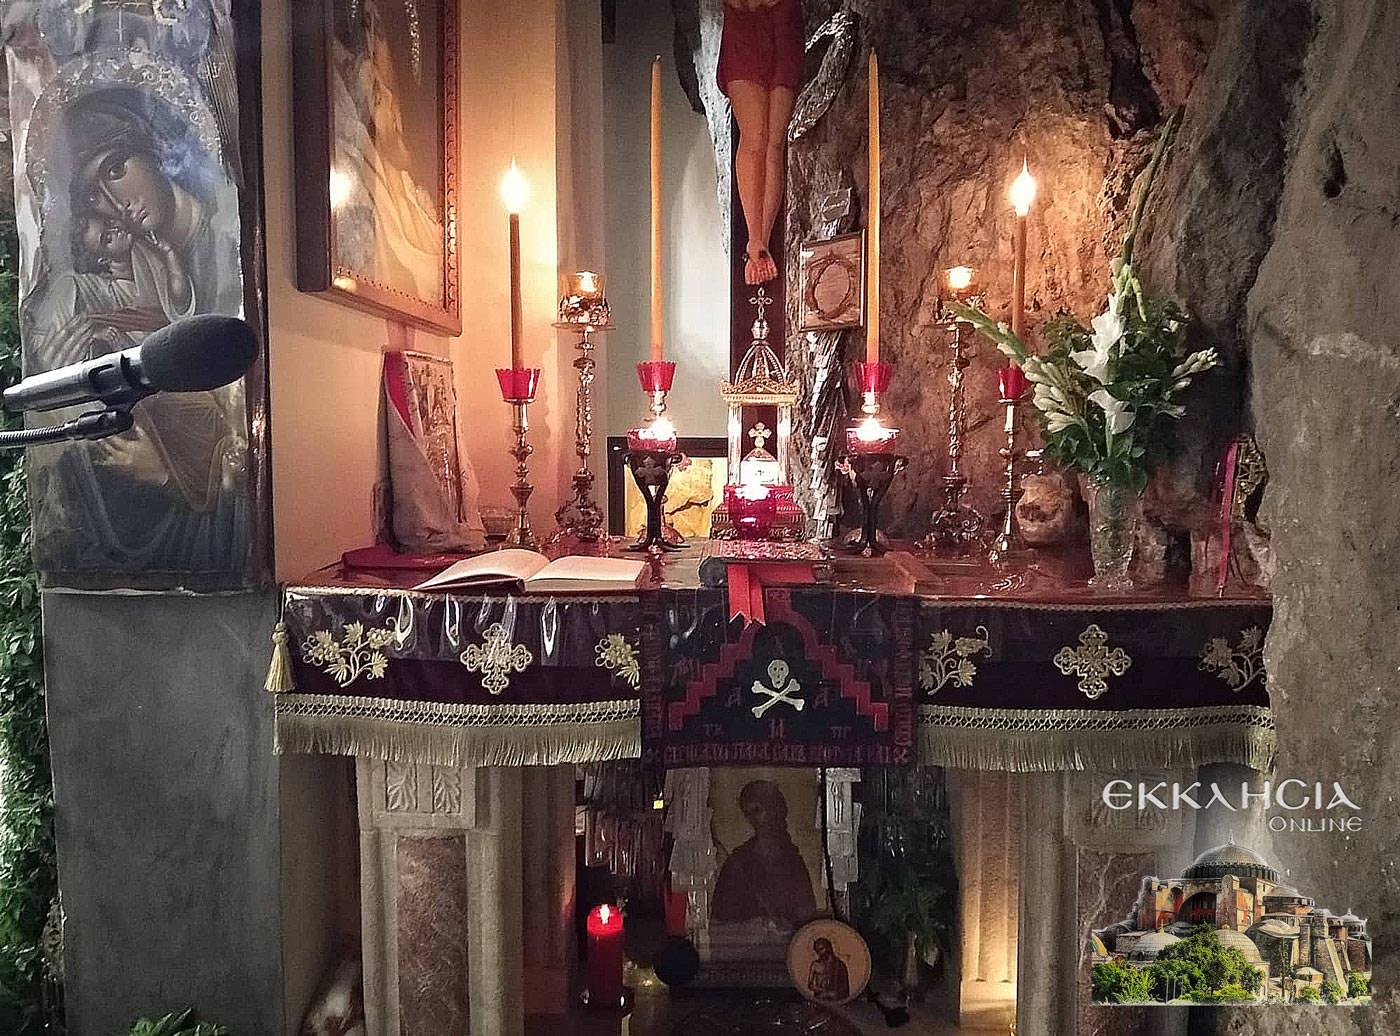 Ιερός Ναός Αγίων Ισιδώρων Λυκαβηττού Υψώσεως Τιμίου Σταυρού